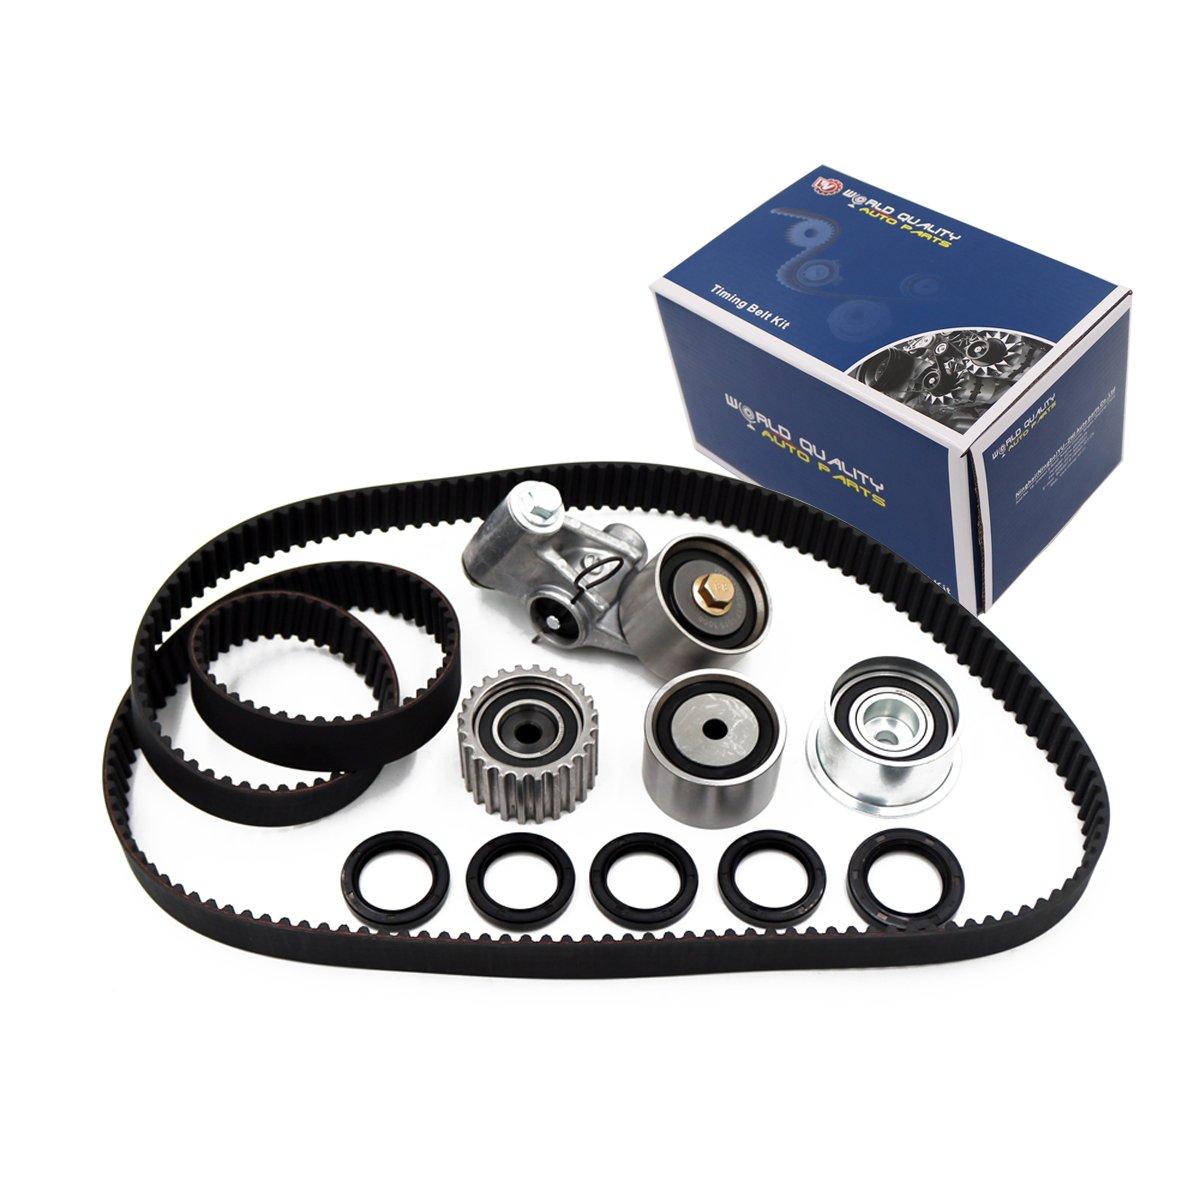 Timing Belt Kit Tensioner for 2000-2009 Subaru Baja Legacy Outback 2.5L H4 SOHC 16V